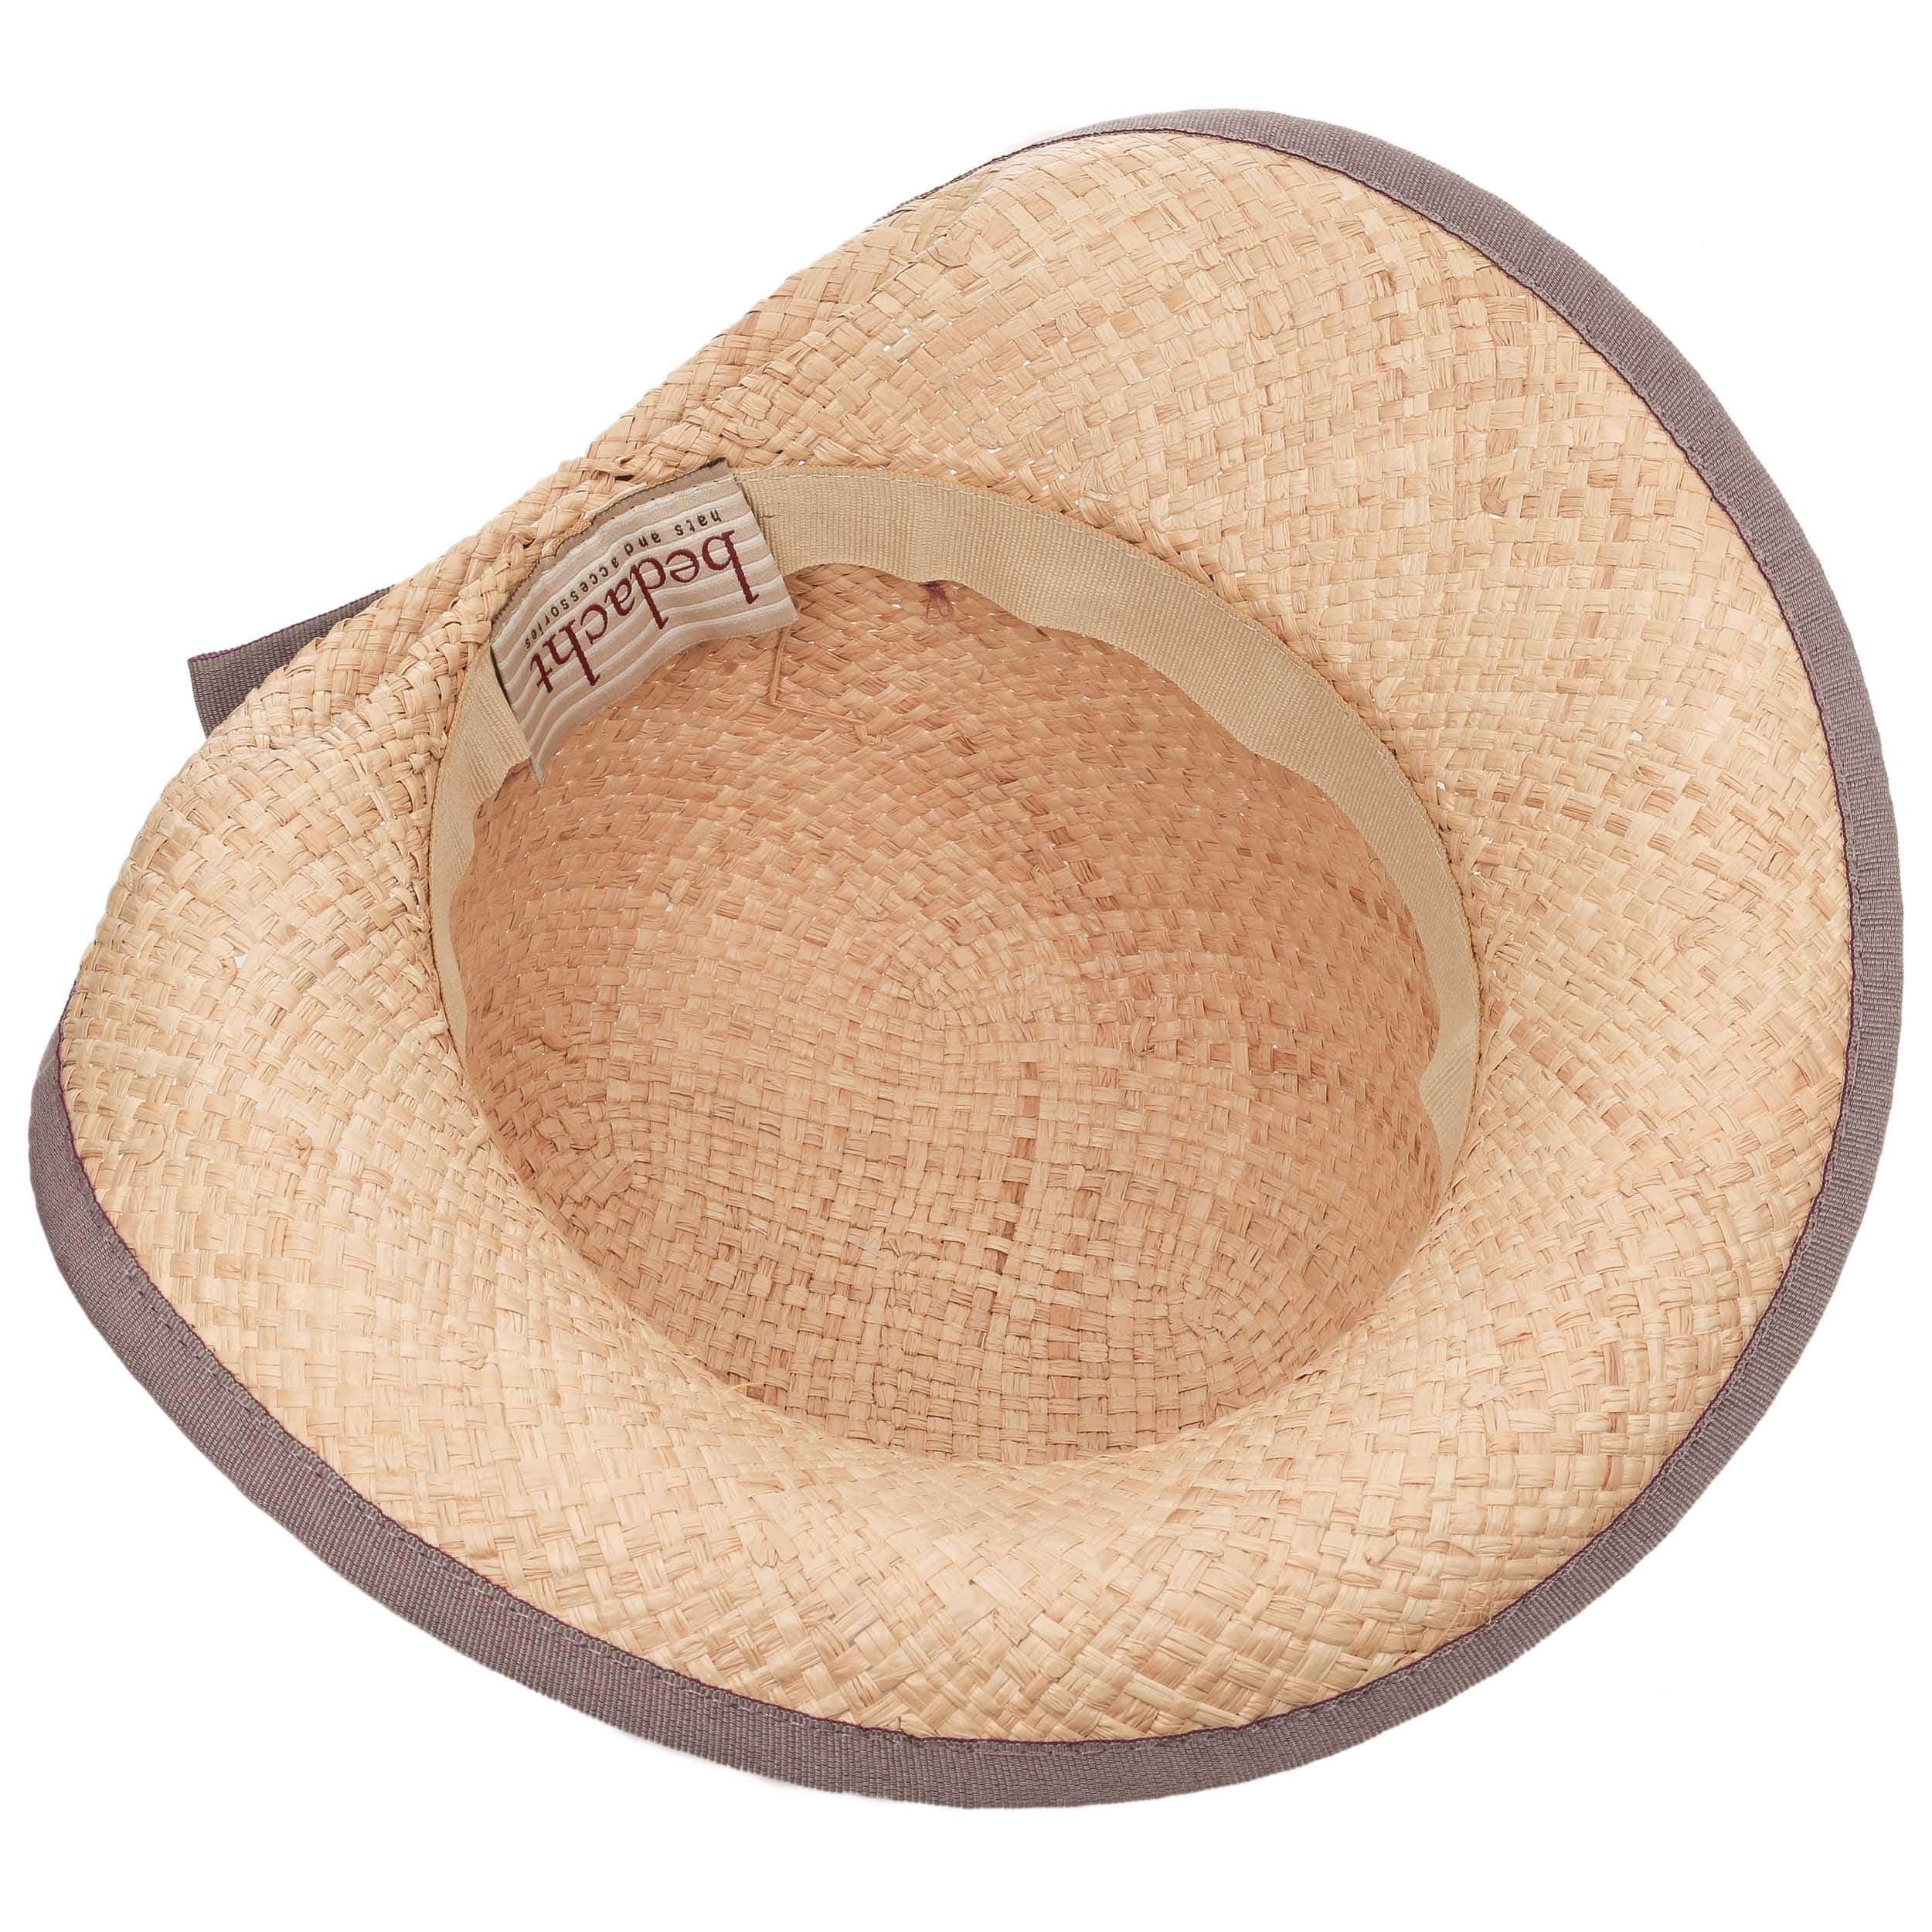 Sombrero de mujer fanamia rafia bedacht natural lila claro jpg 2500x2500 Rafia  sombreros de hombre ef27811d2df